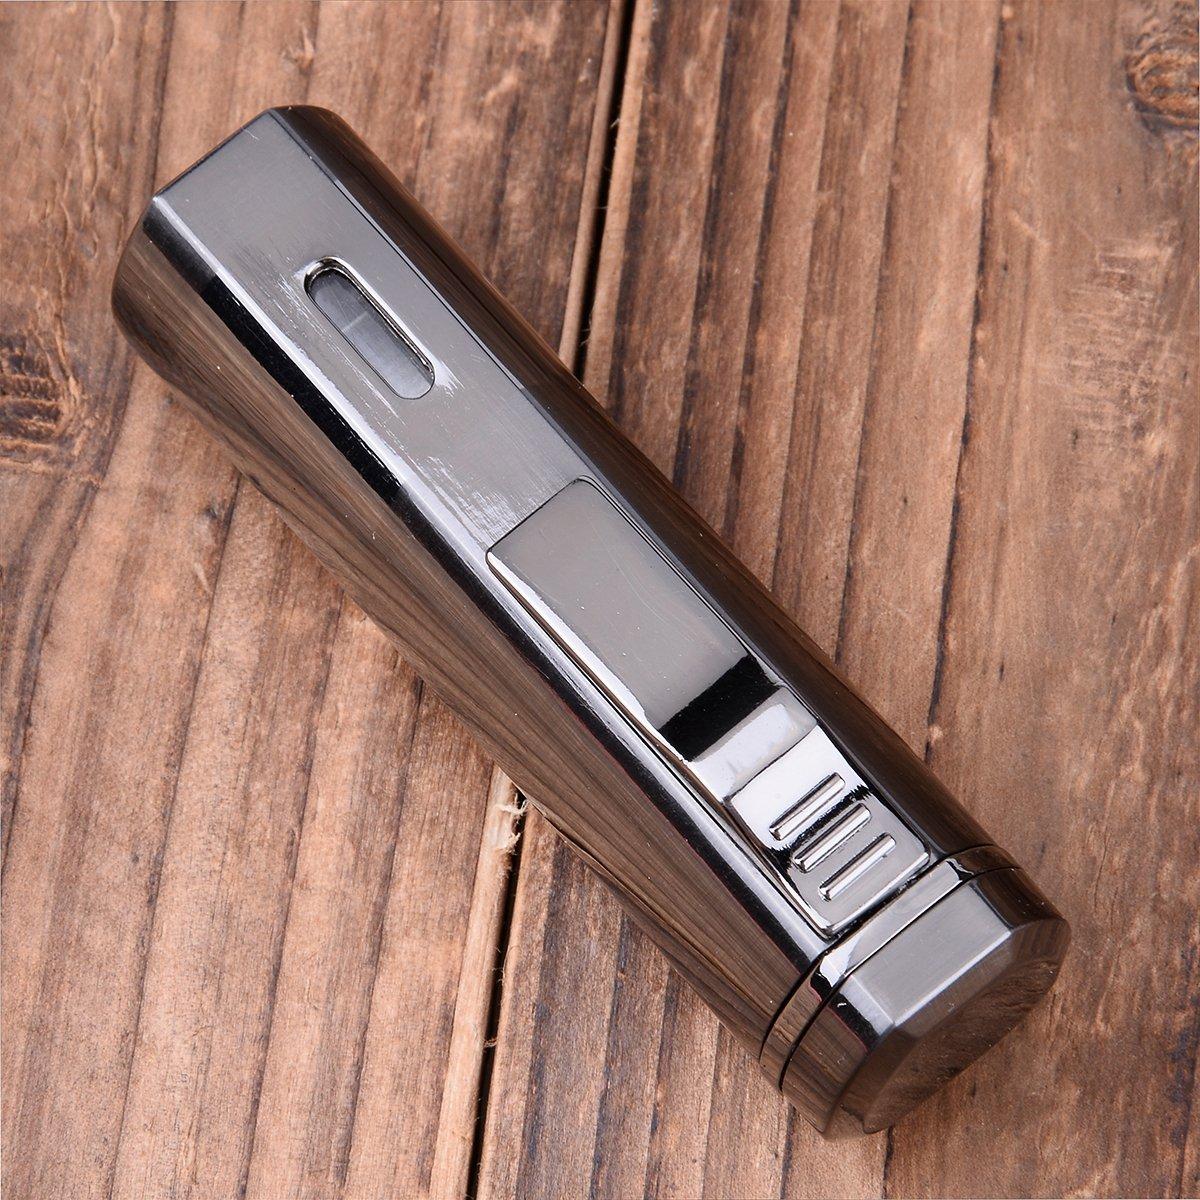 Cigarette Cigar Lighter Triple Jet Flame Butane Torch Combo Set Cigar Punch Cutter Tool